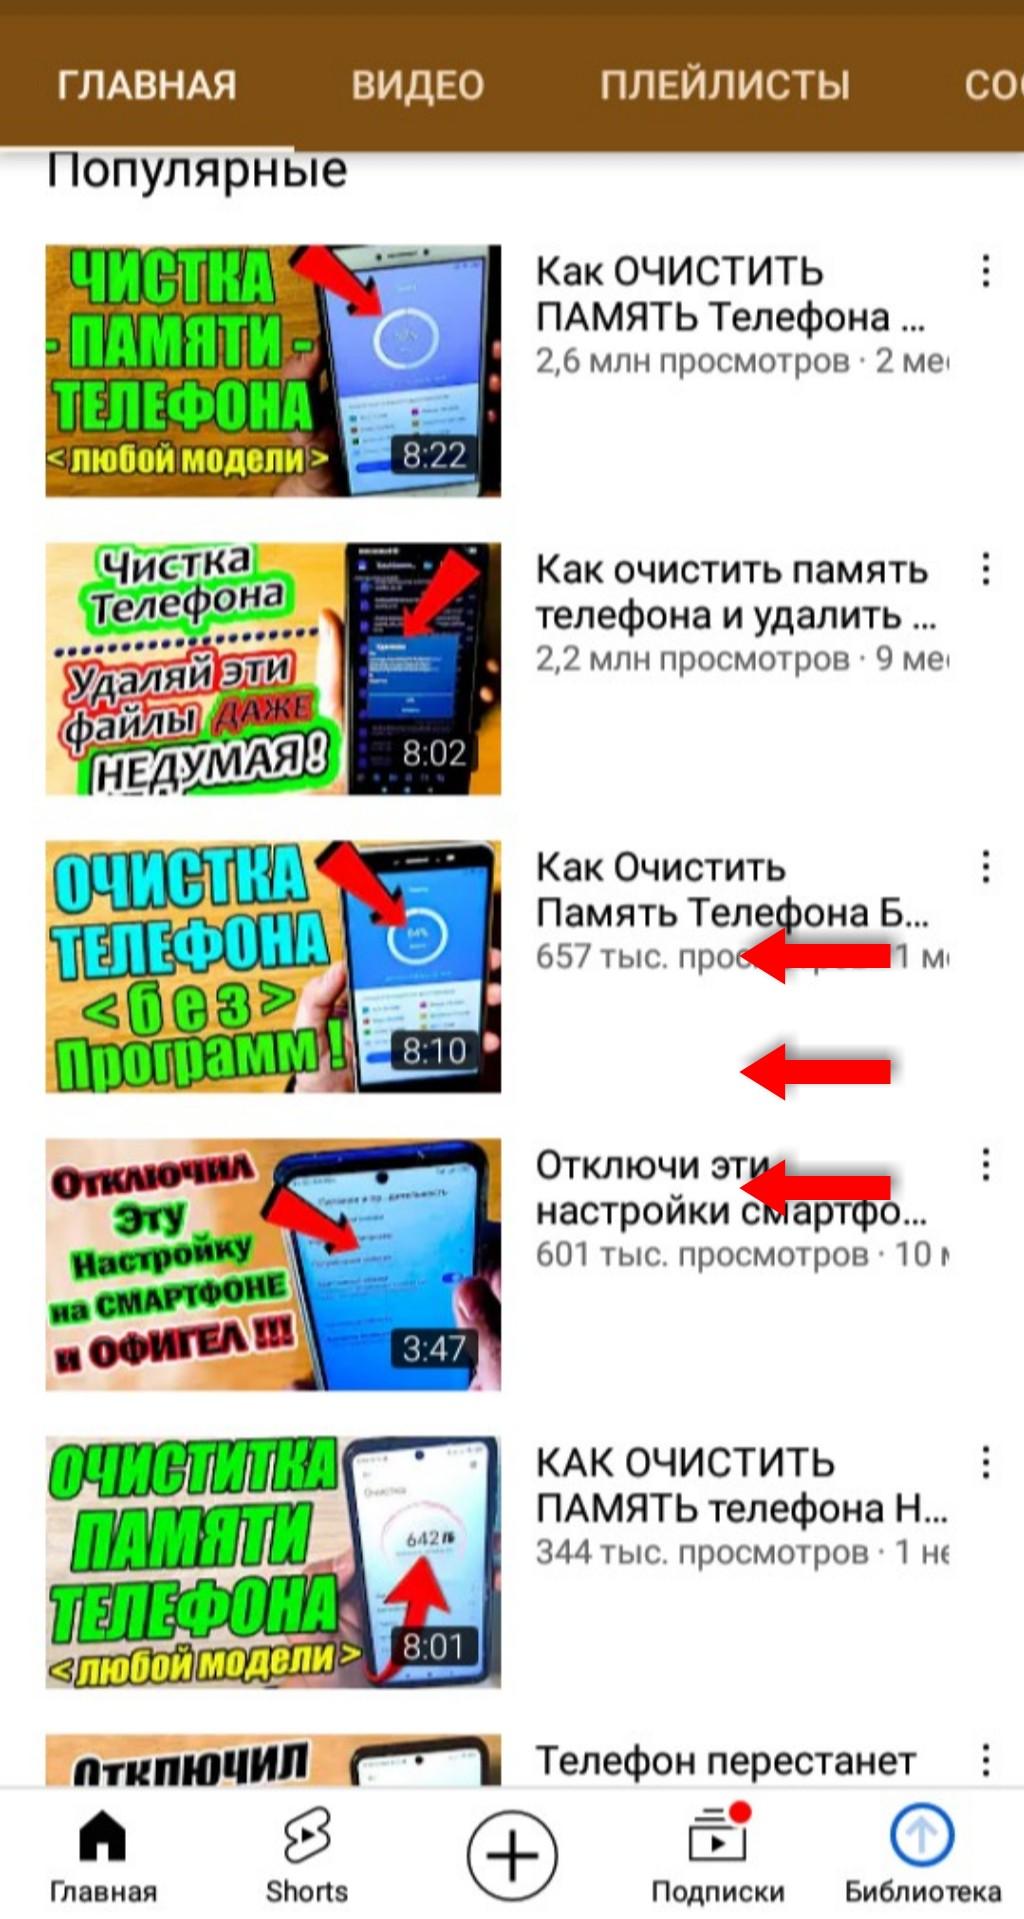 InFrame_1628266693145.jpg